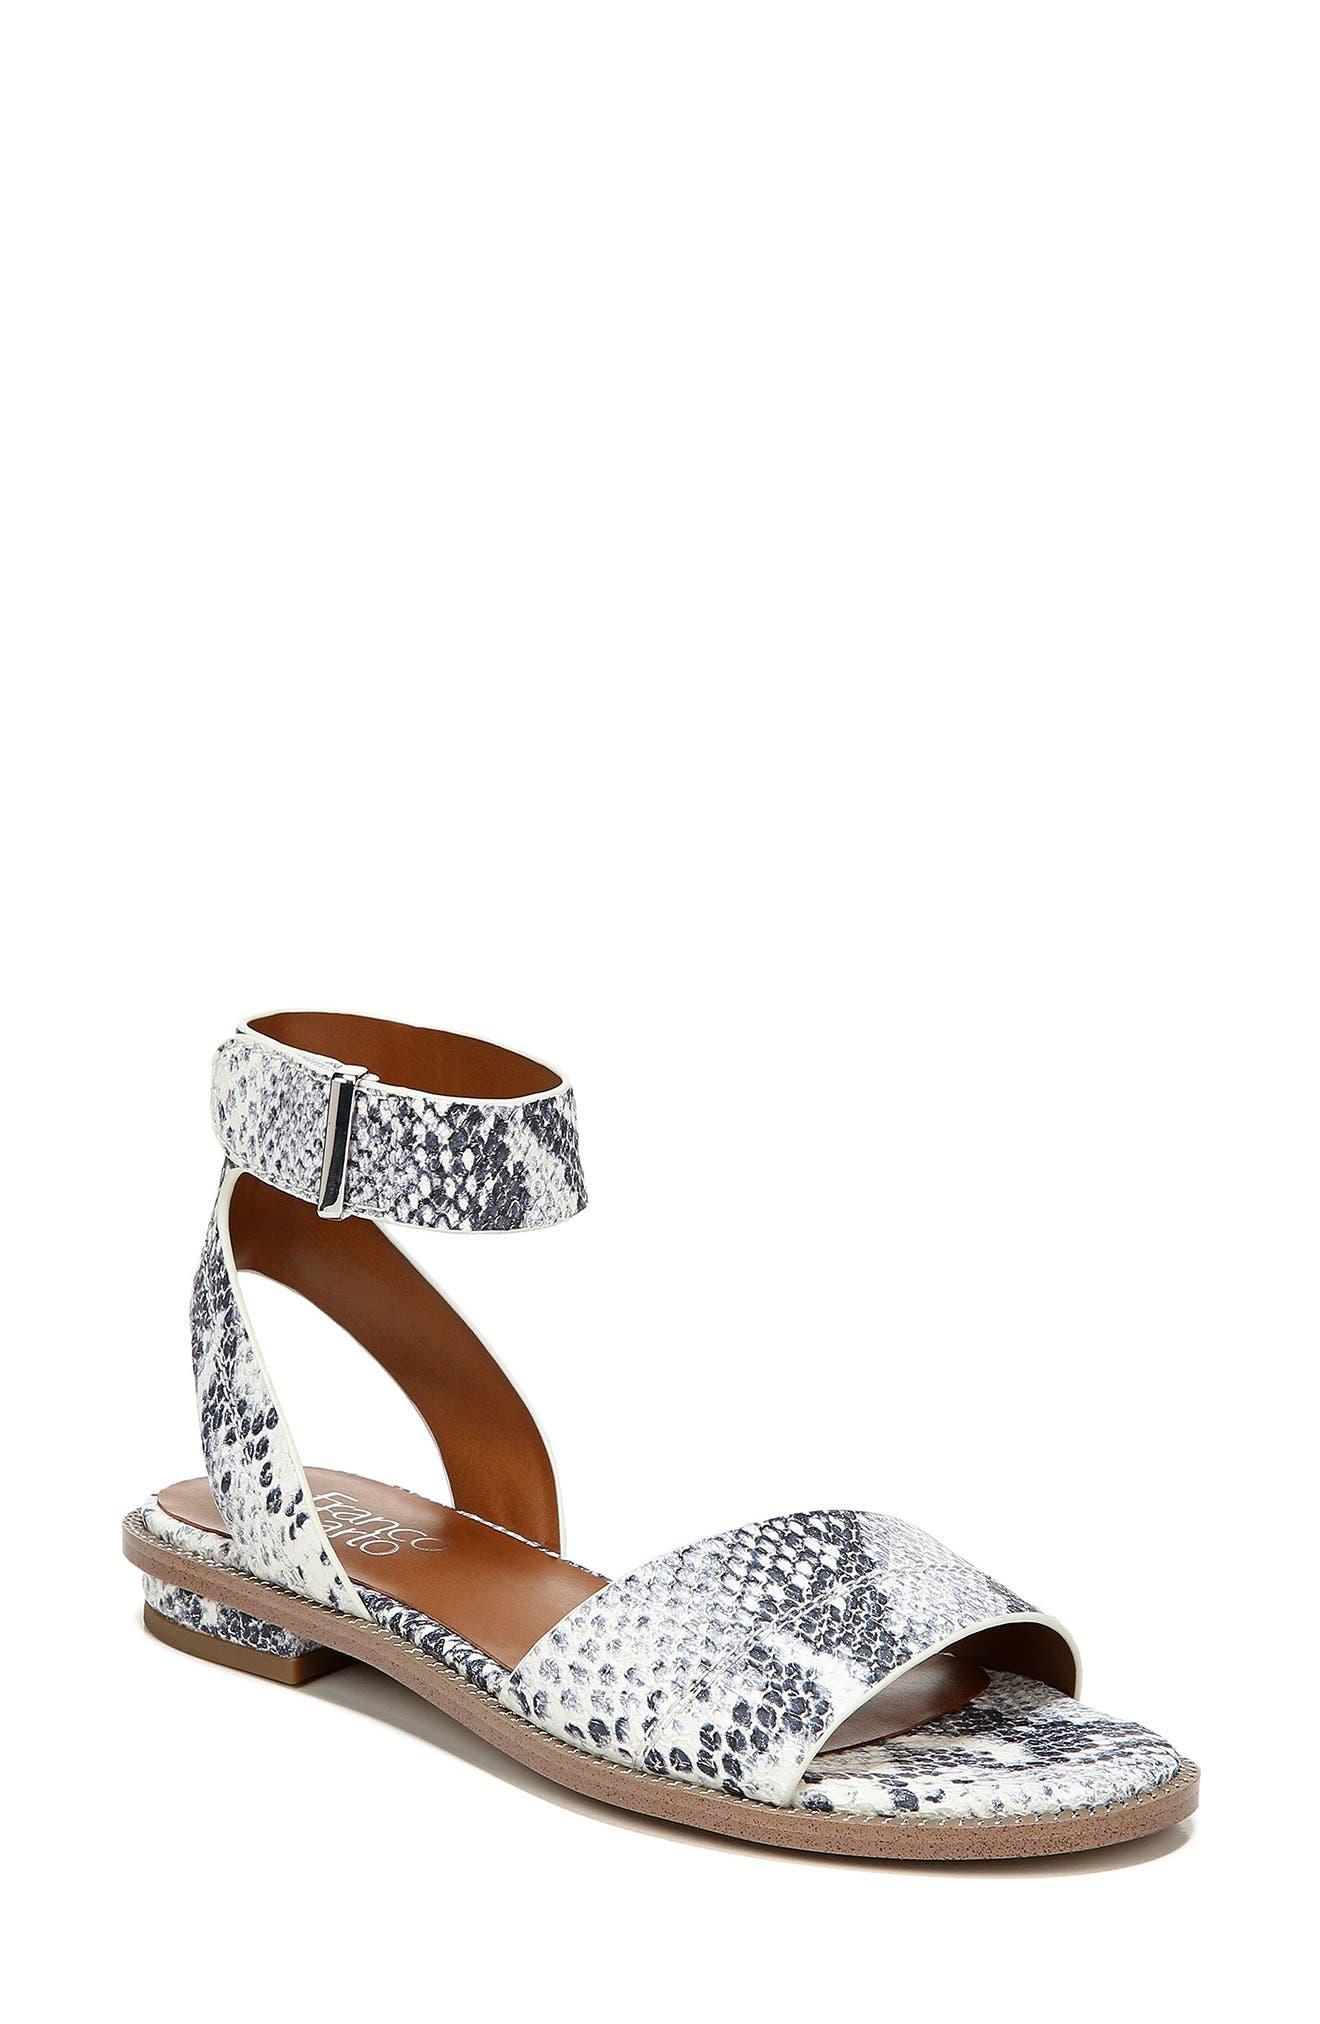 Image of Franco Sarto Maxine Ankle Strap Sandal